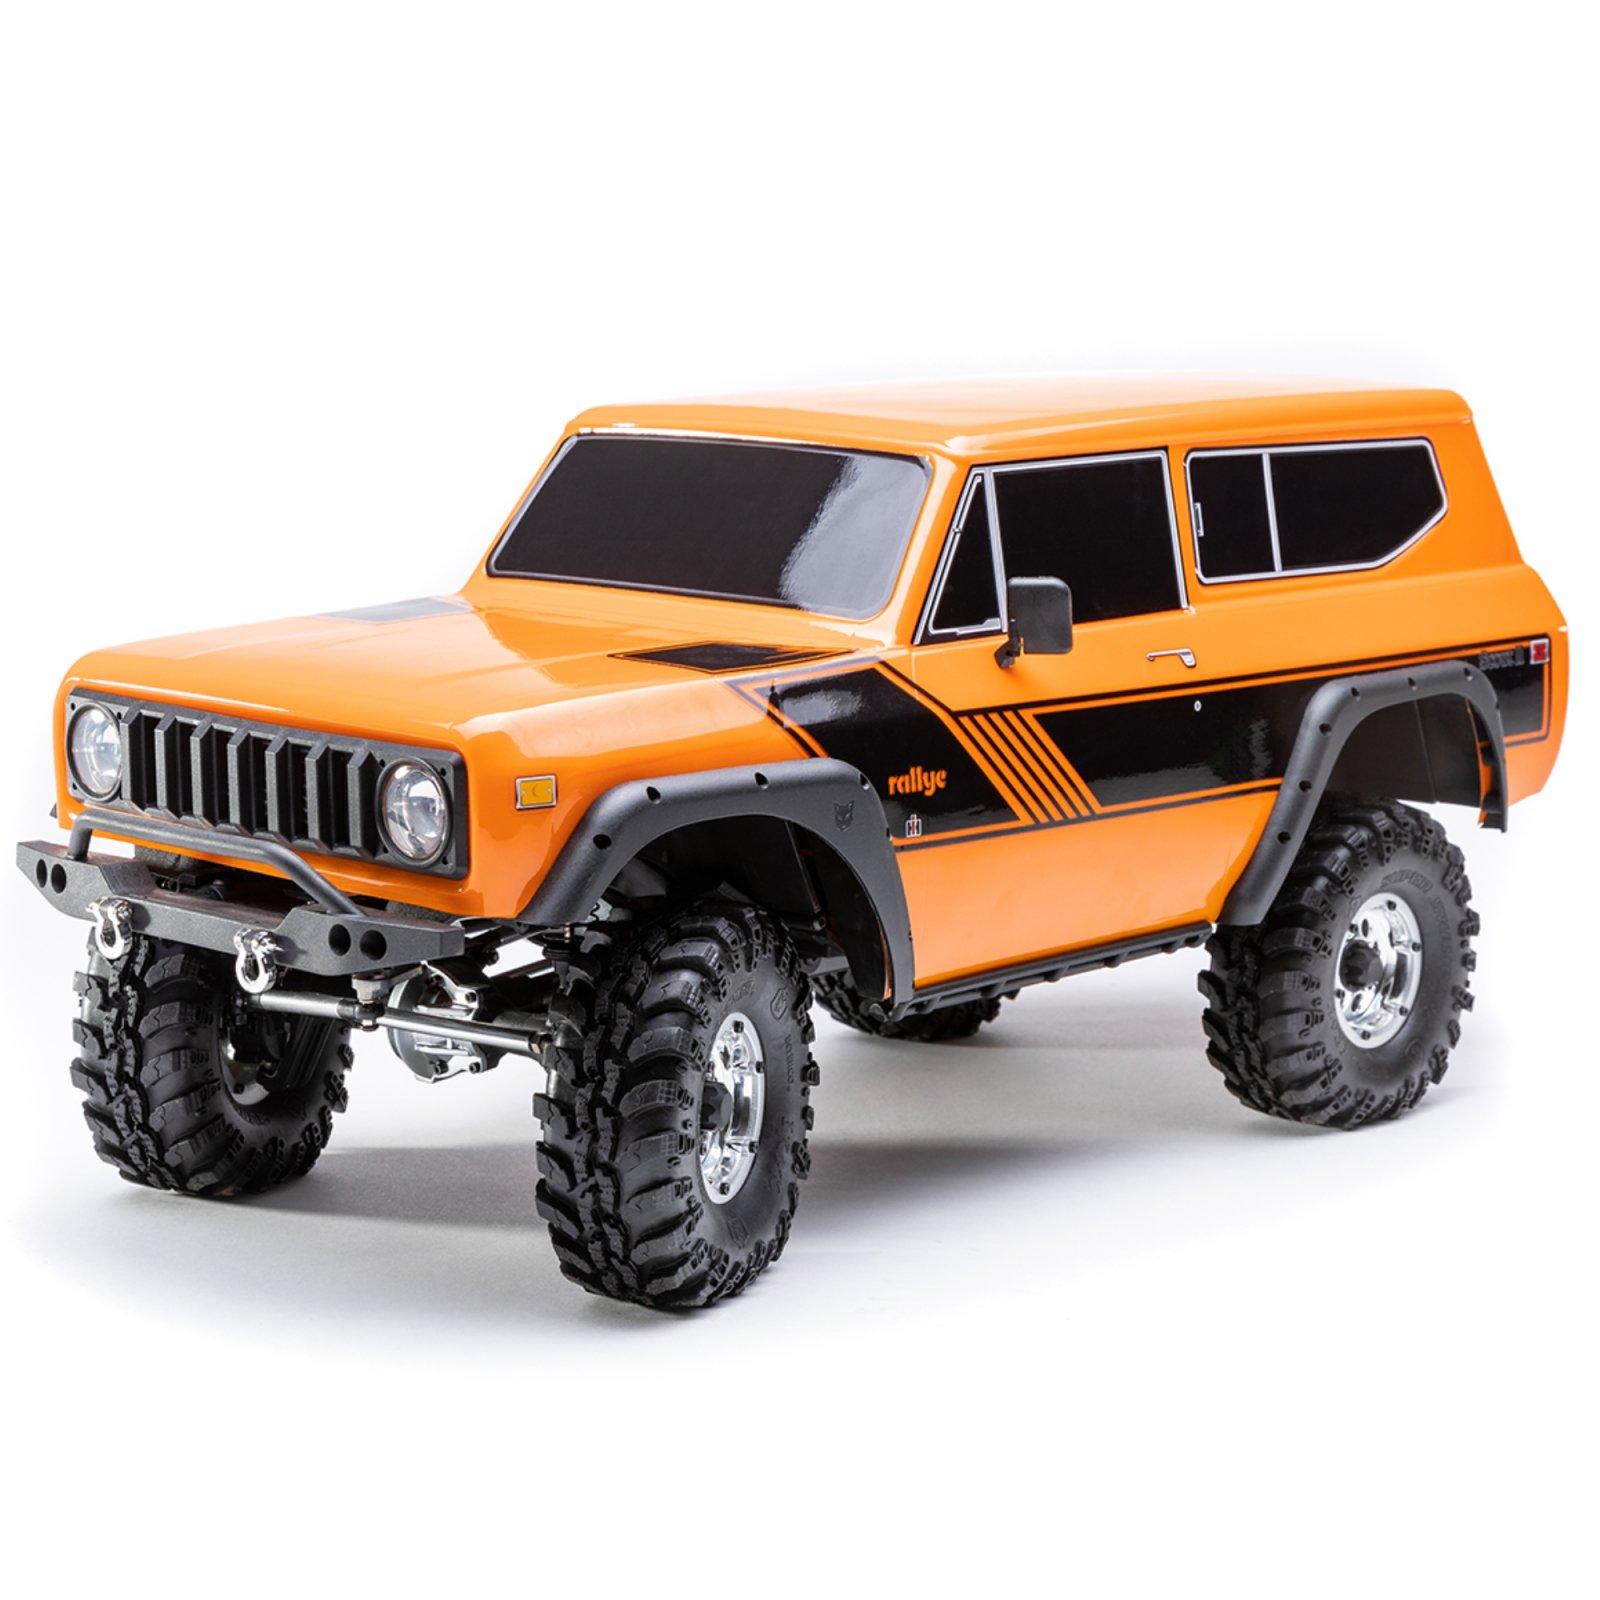 Gen8 International Scout II 1/10 4WD RTR Scale Rock Crawler-Orange